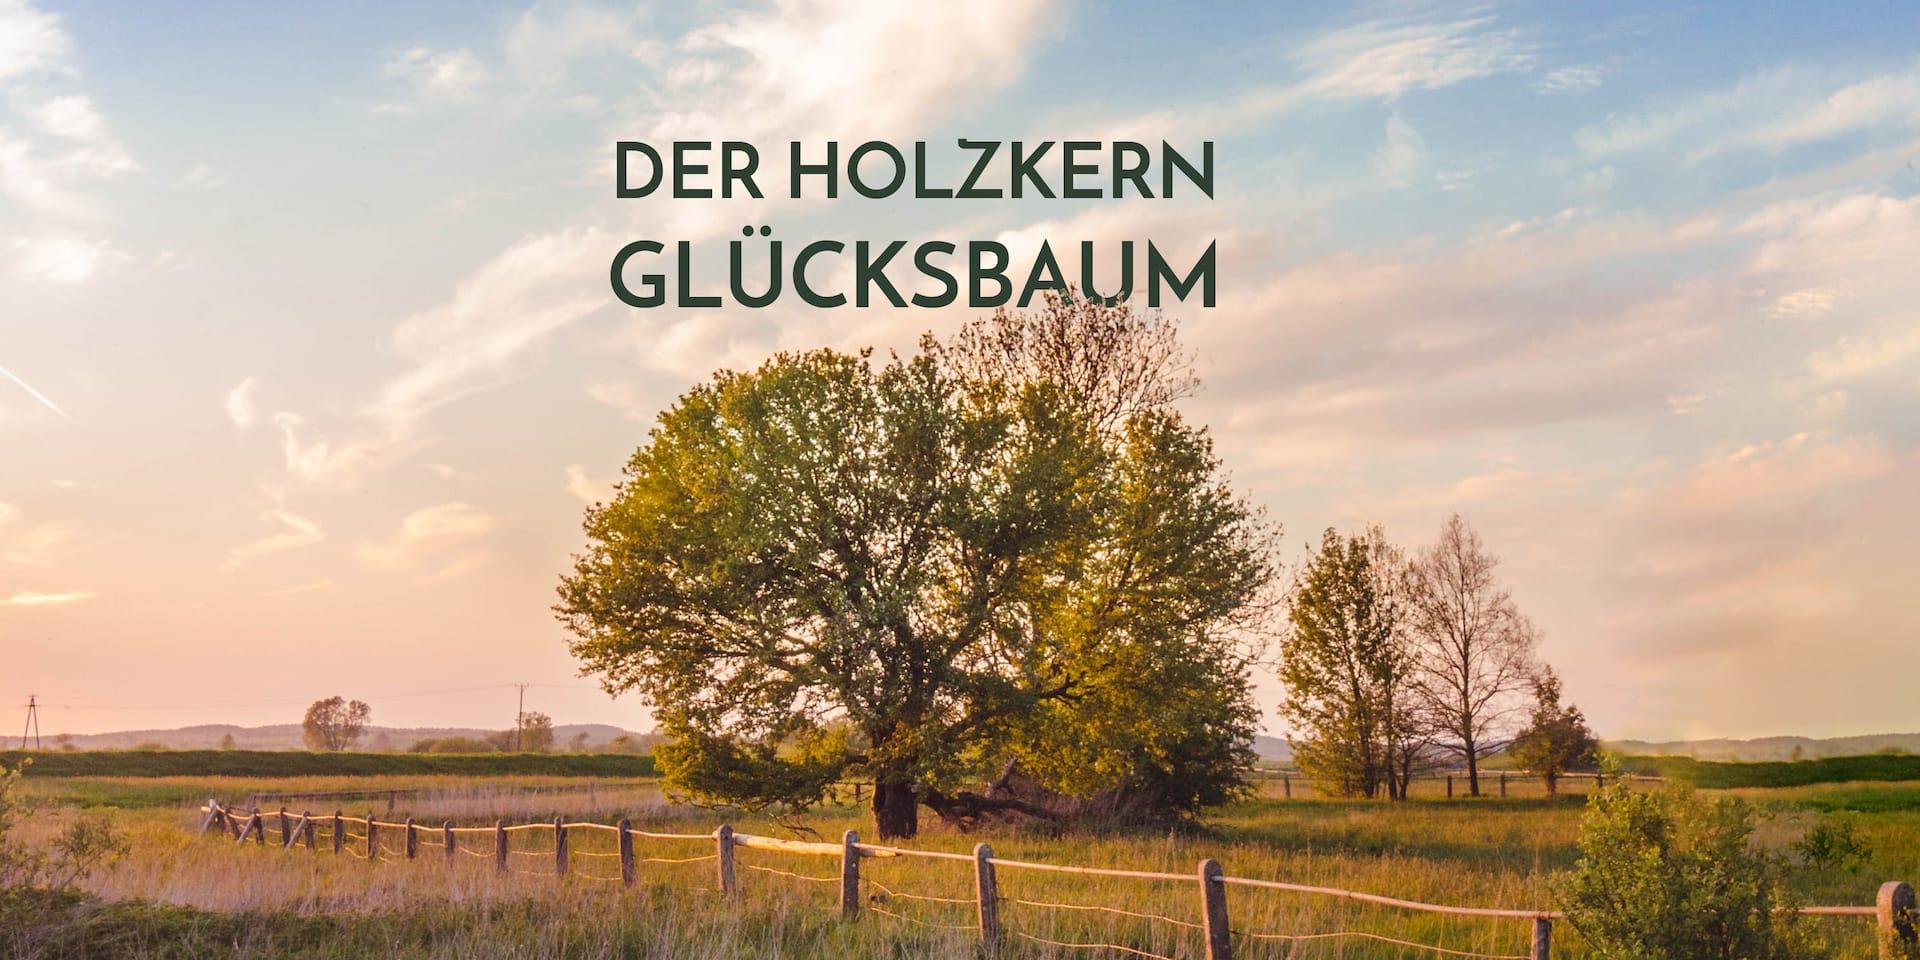 Der Holzkern Glücksbaum